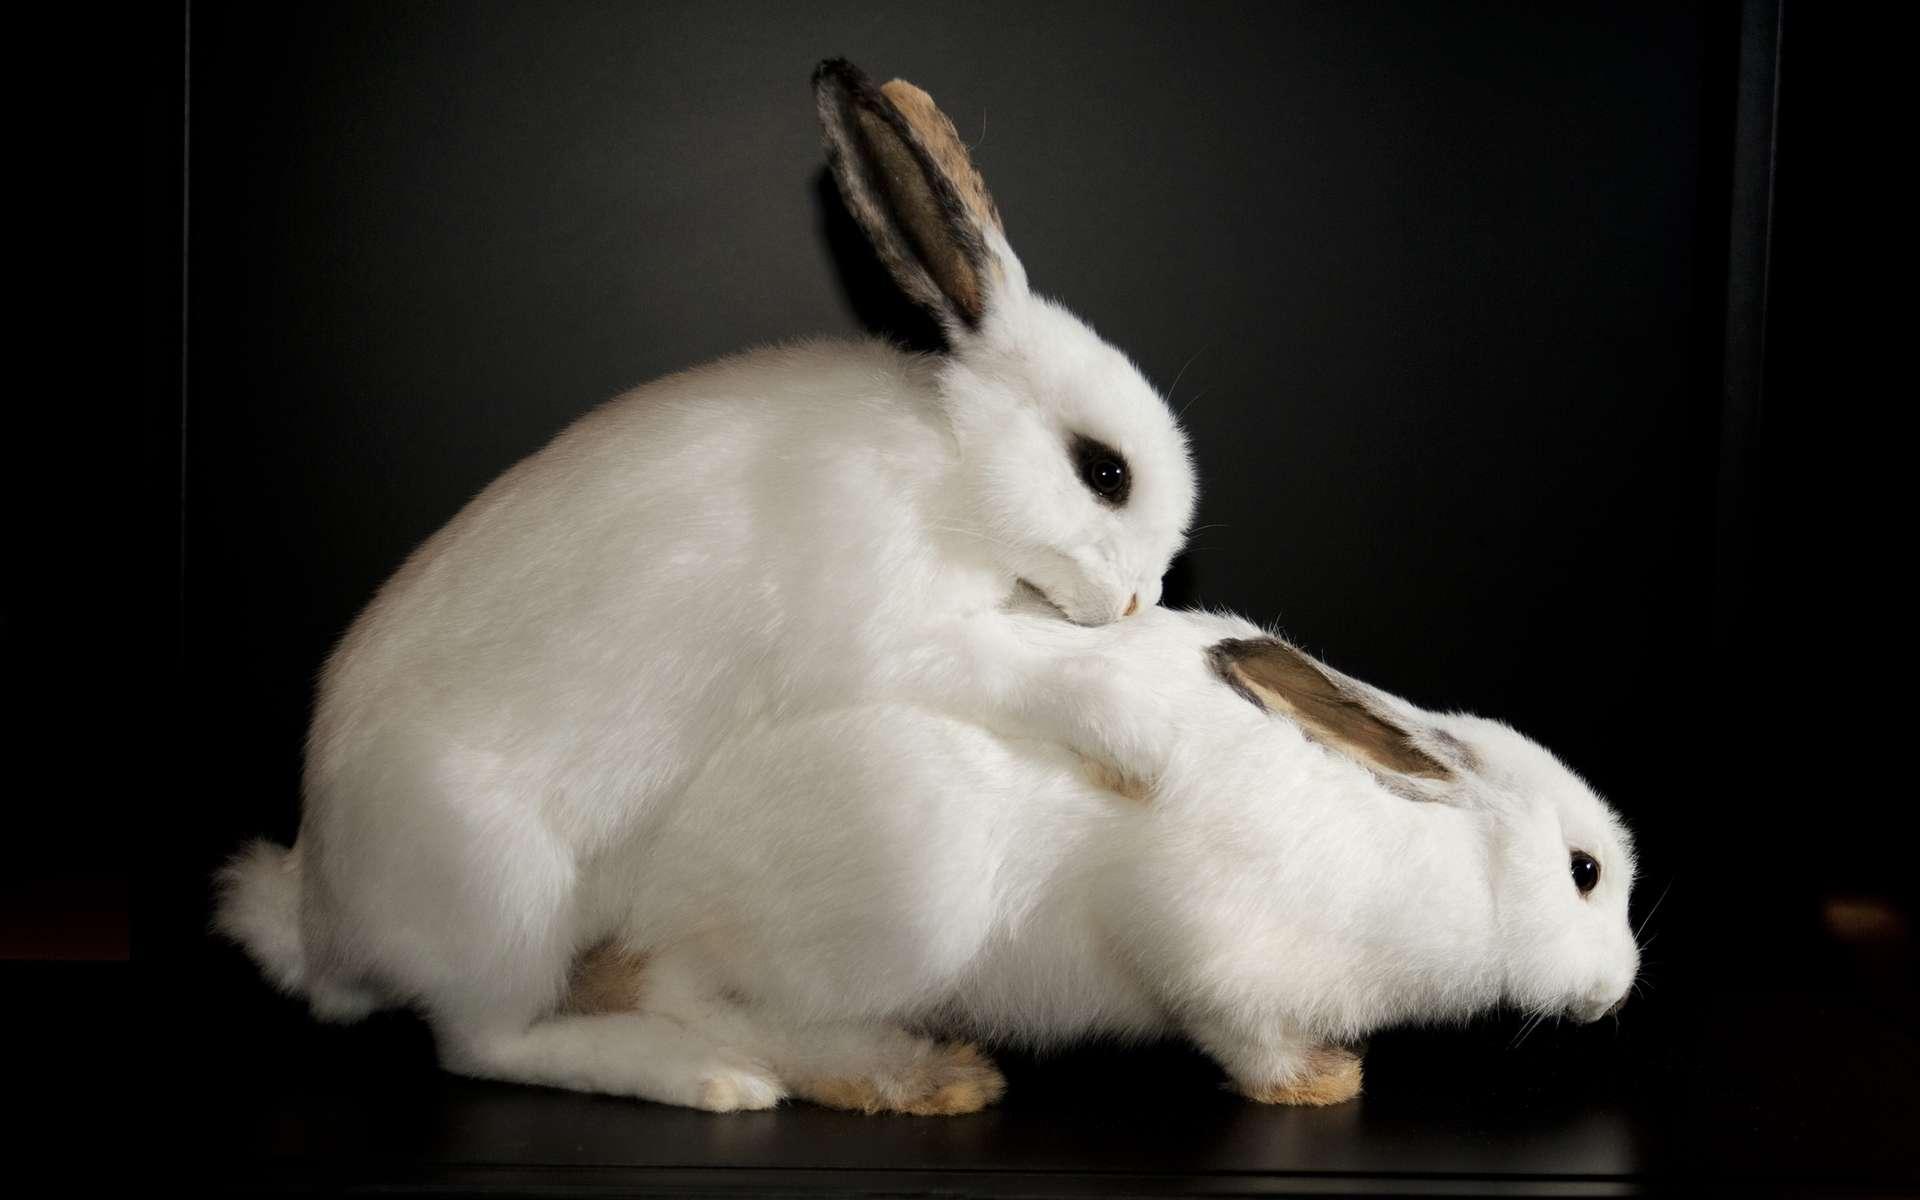 Le lapin est un peu le symbole des débordements de la sexualité animale. Très portés sur la chose, les mâles se jettent sans distinction sur les femelles à leur portée. Même si c'est leur mère ou leur sœur... © Sexual Nature, London's Natural History Museum